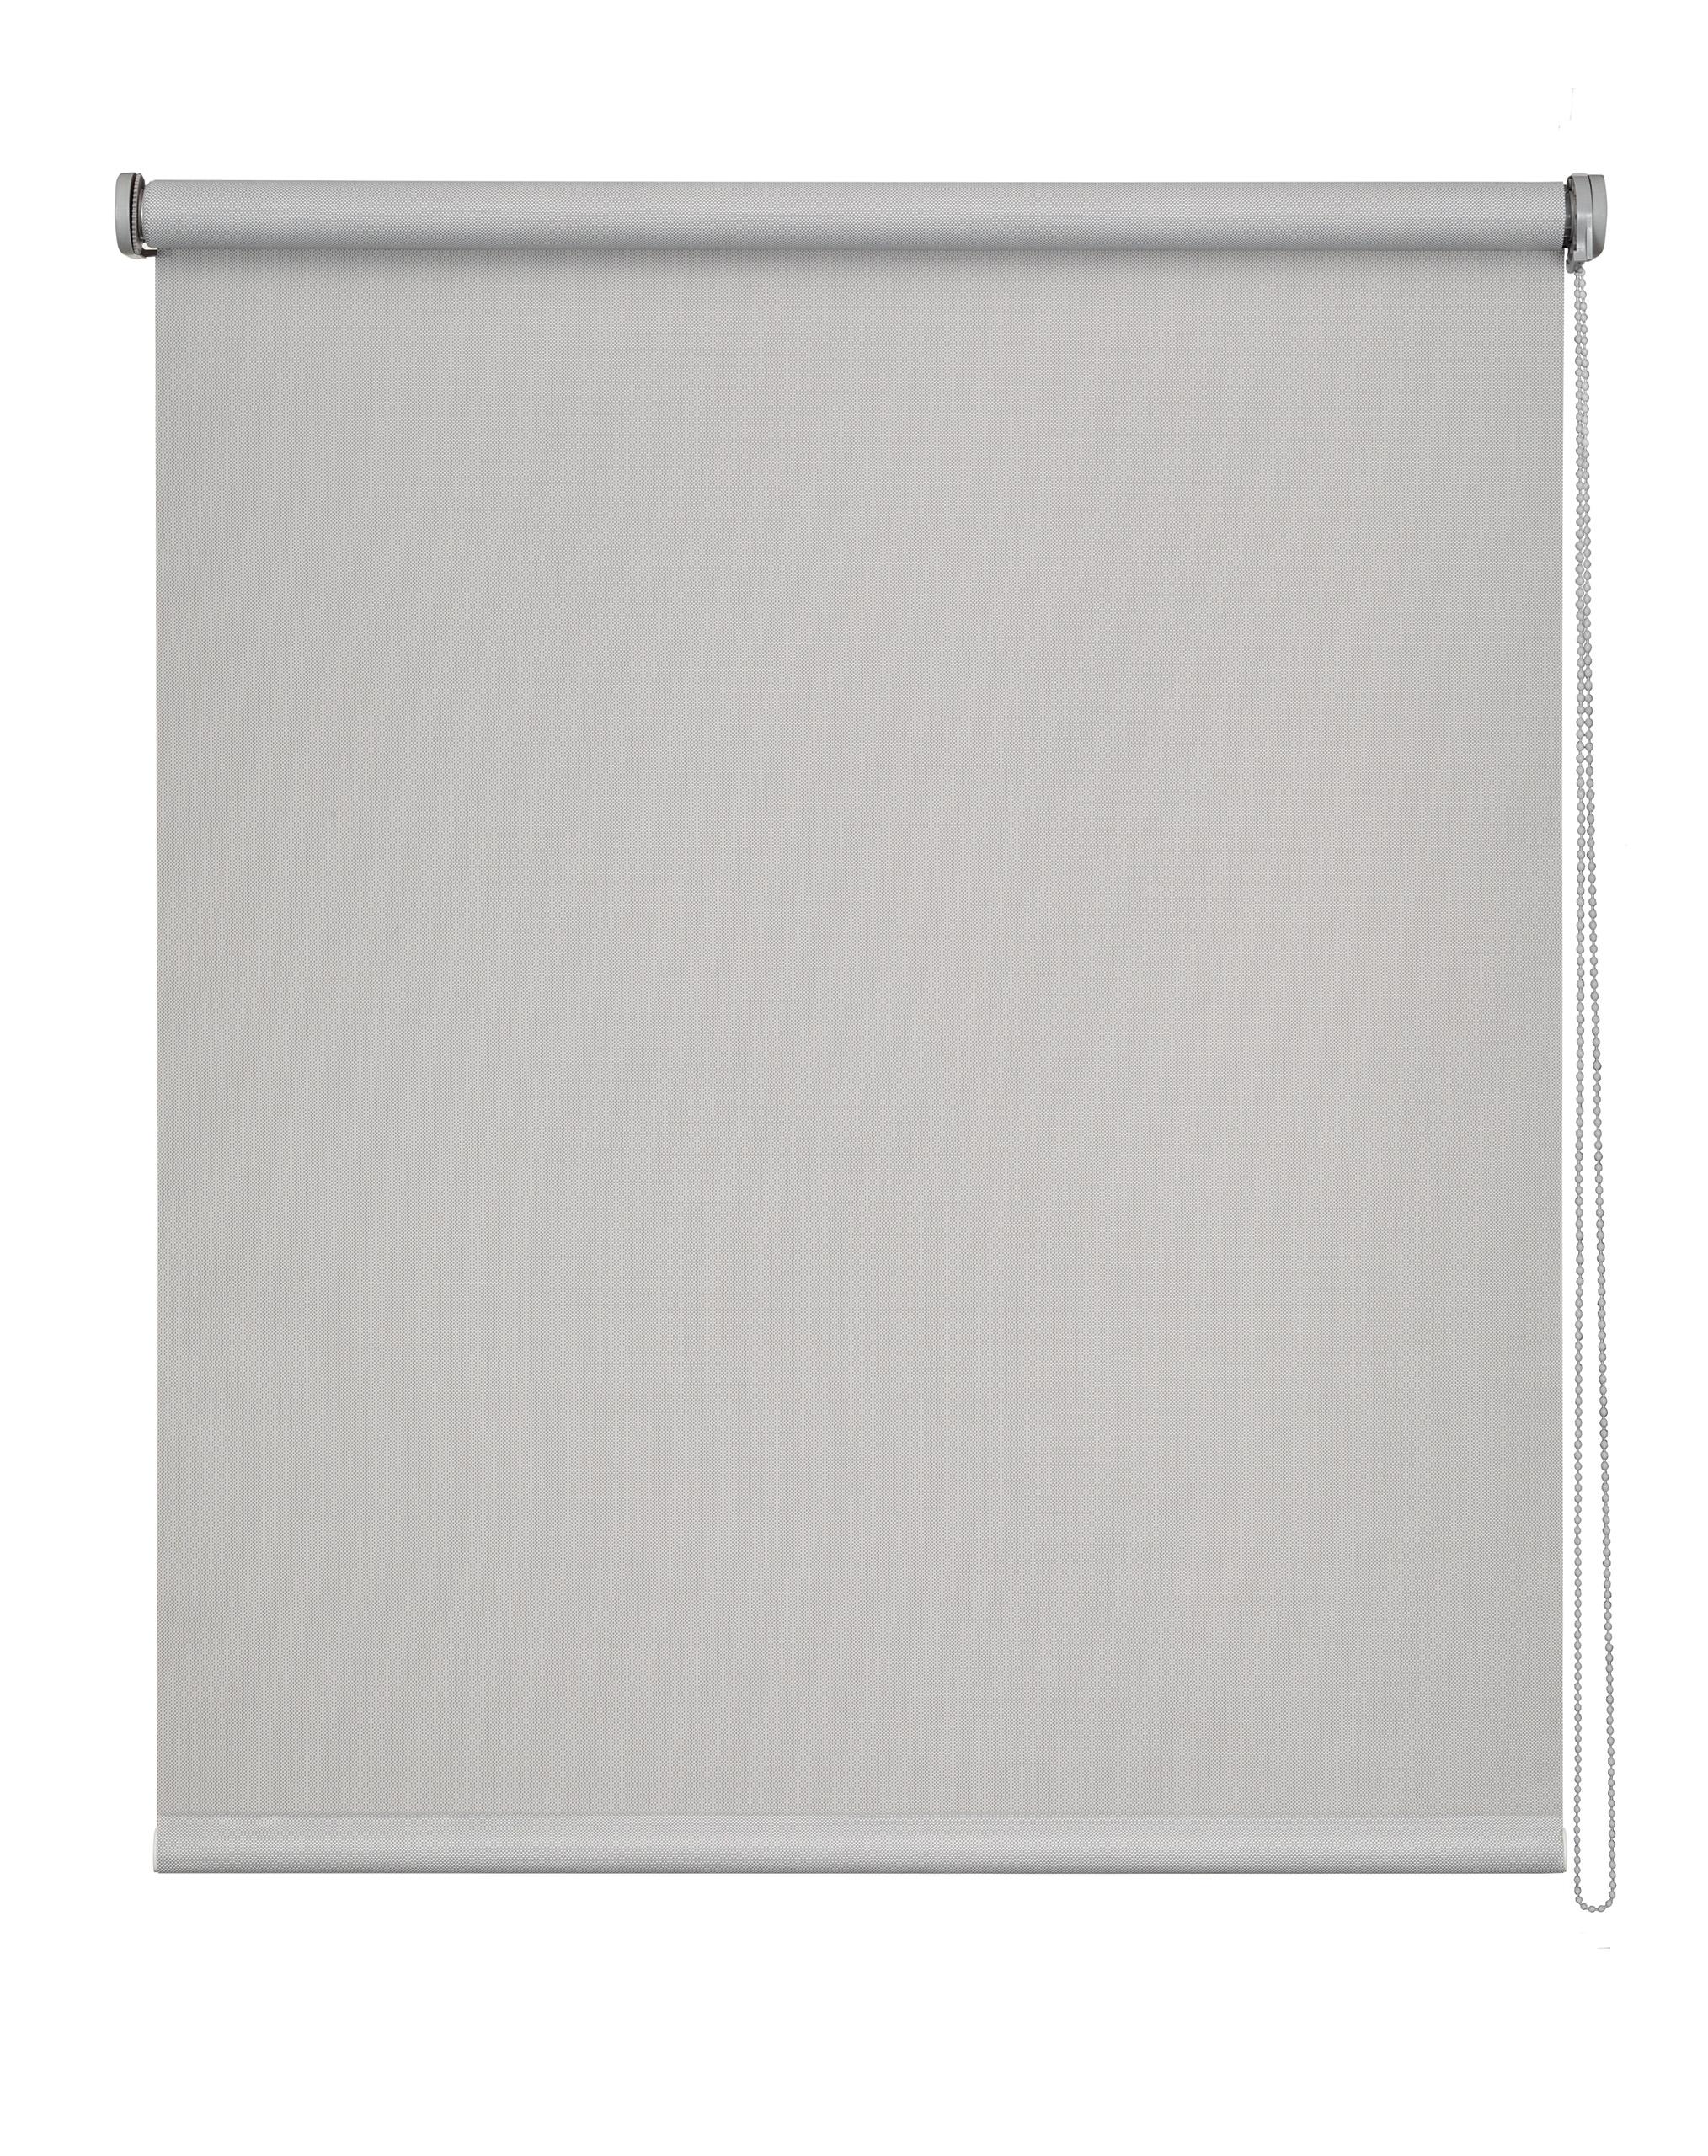 Store Enrouleur voile Screen - Beige - 165 x 250 cm